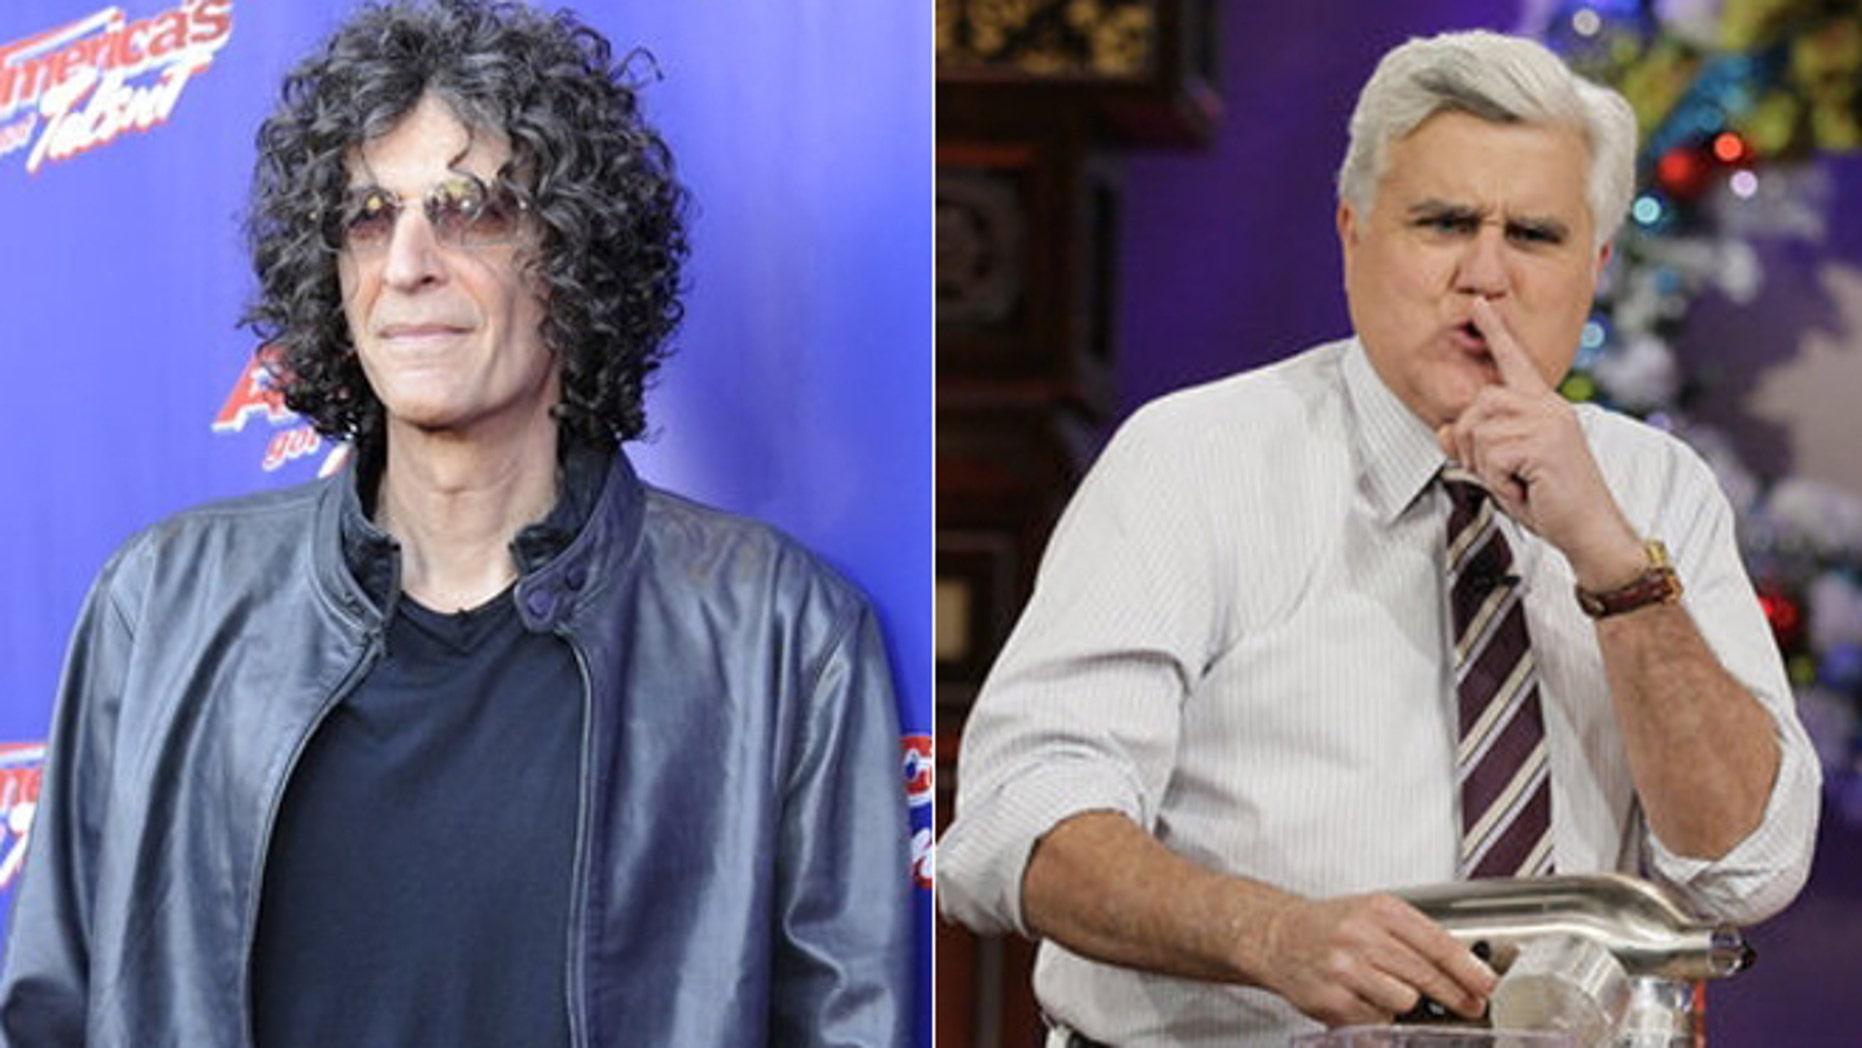 Howard Stern, left, and Jay Leno.